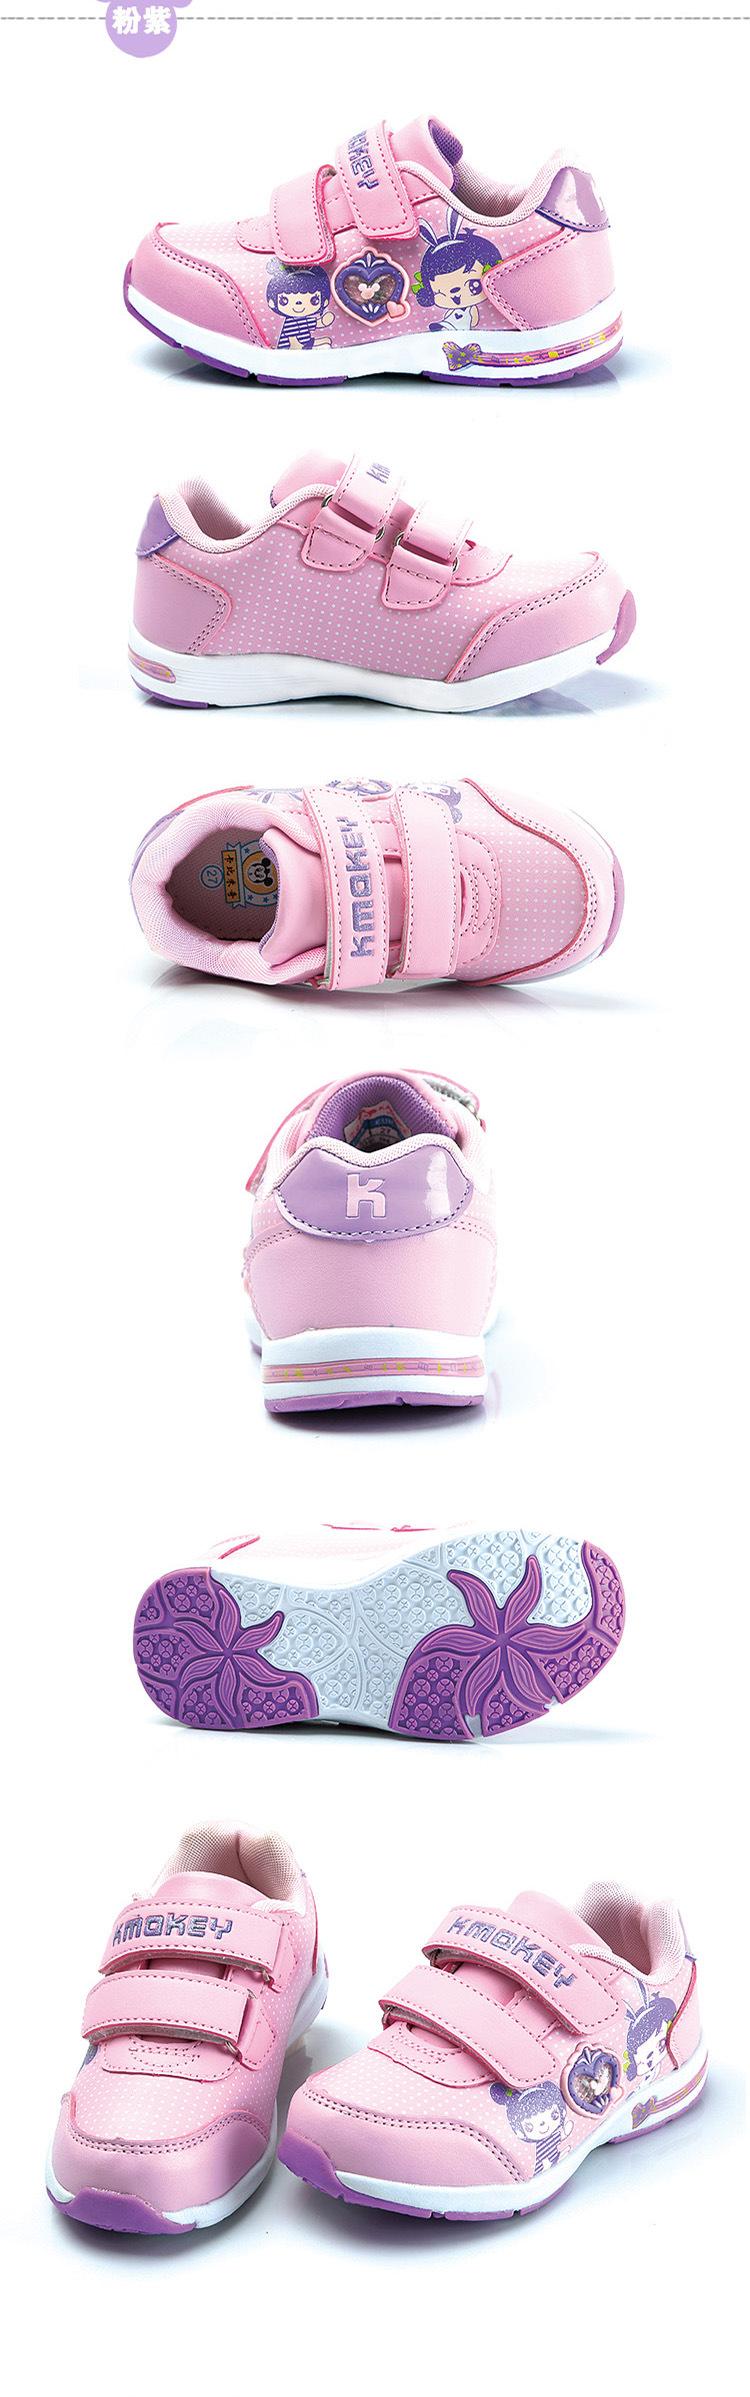 【2015新款时尚百搭女款儿童鞋宝宝鞋休闲透气运动